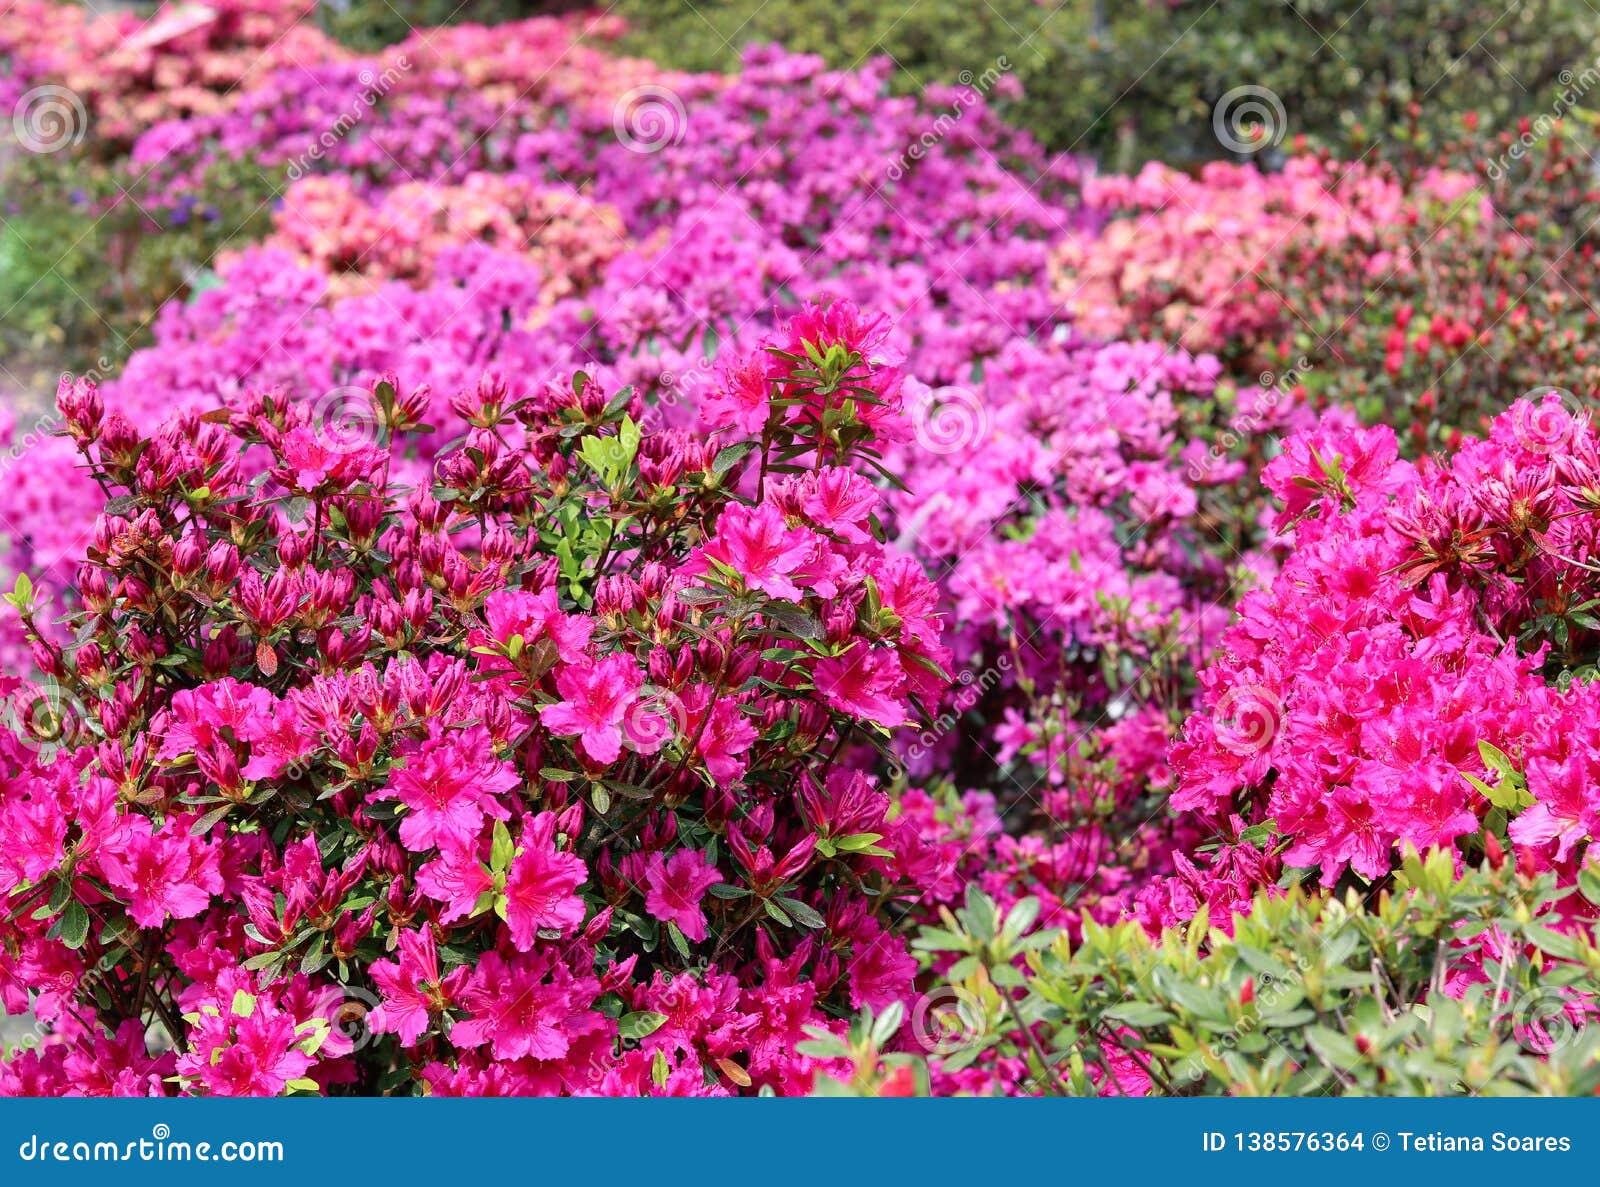 Oavkortad blom för rhododendron med ljust rosa, korall och magentafärgade blommor Blomma azaleabuskar med överflöd av knoppar och